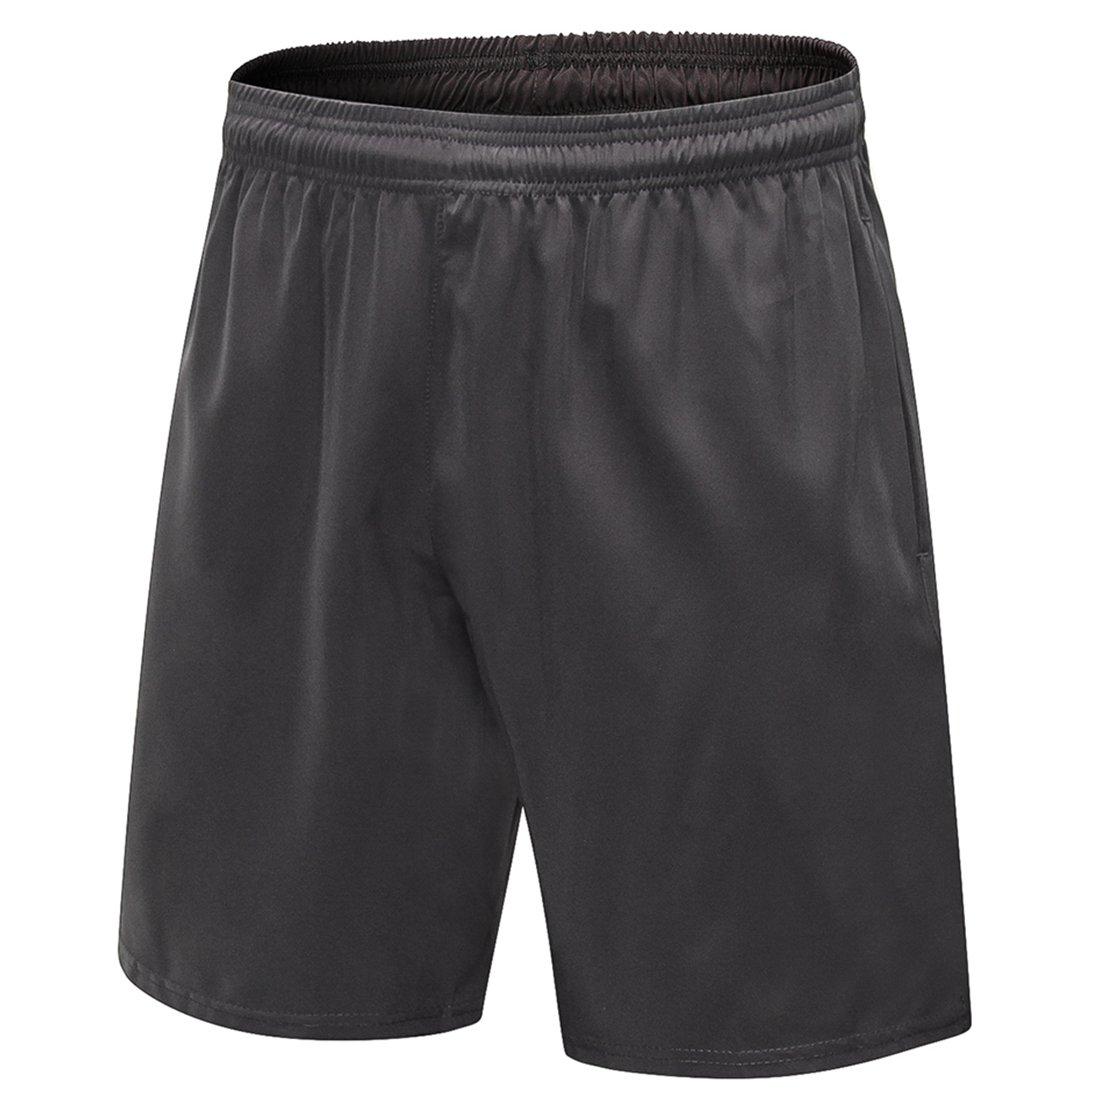 sevenwellメンズアスレチックRunnigショーツジムワークアウトFitness Shorts With内部描画文字列 B07C87MRW1  Gray. XL=US L